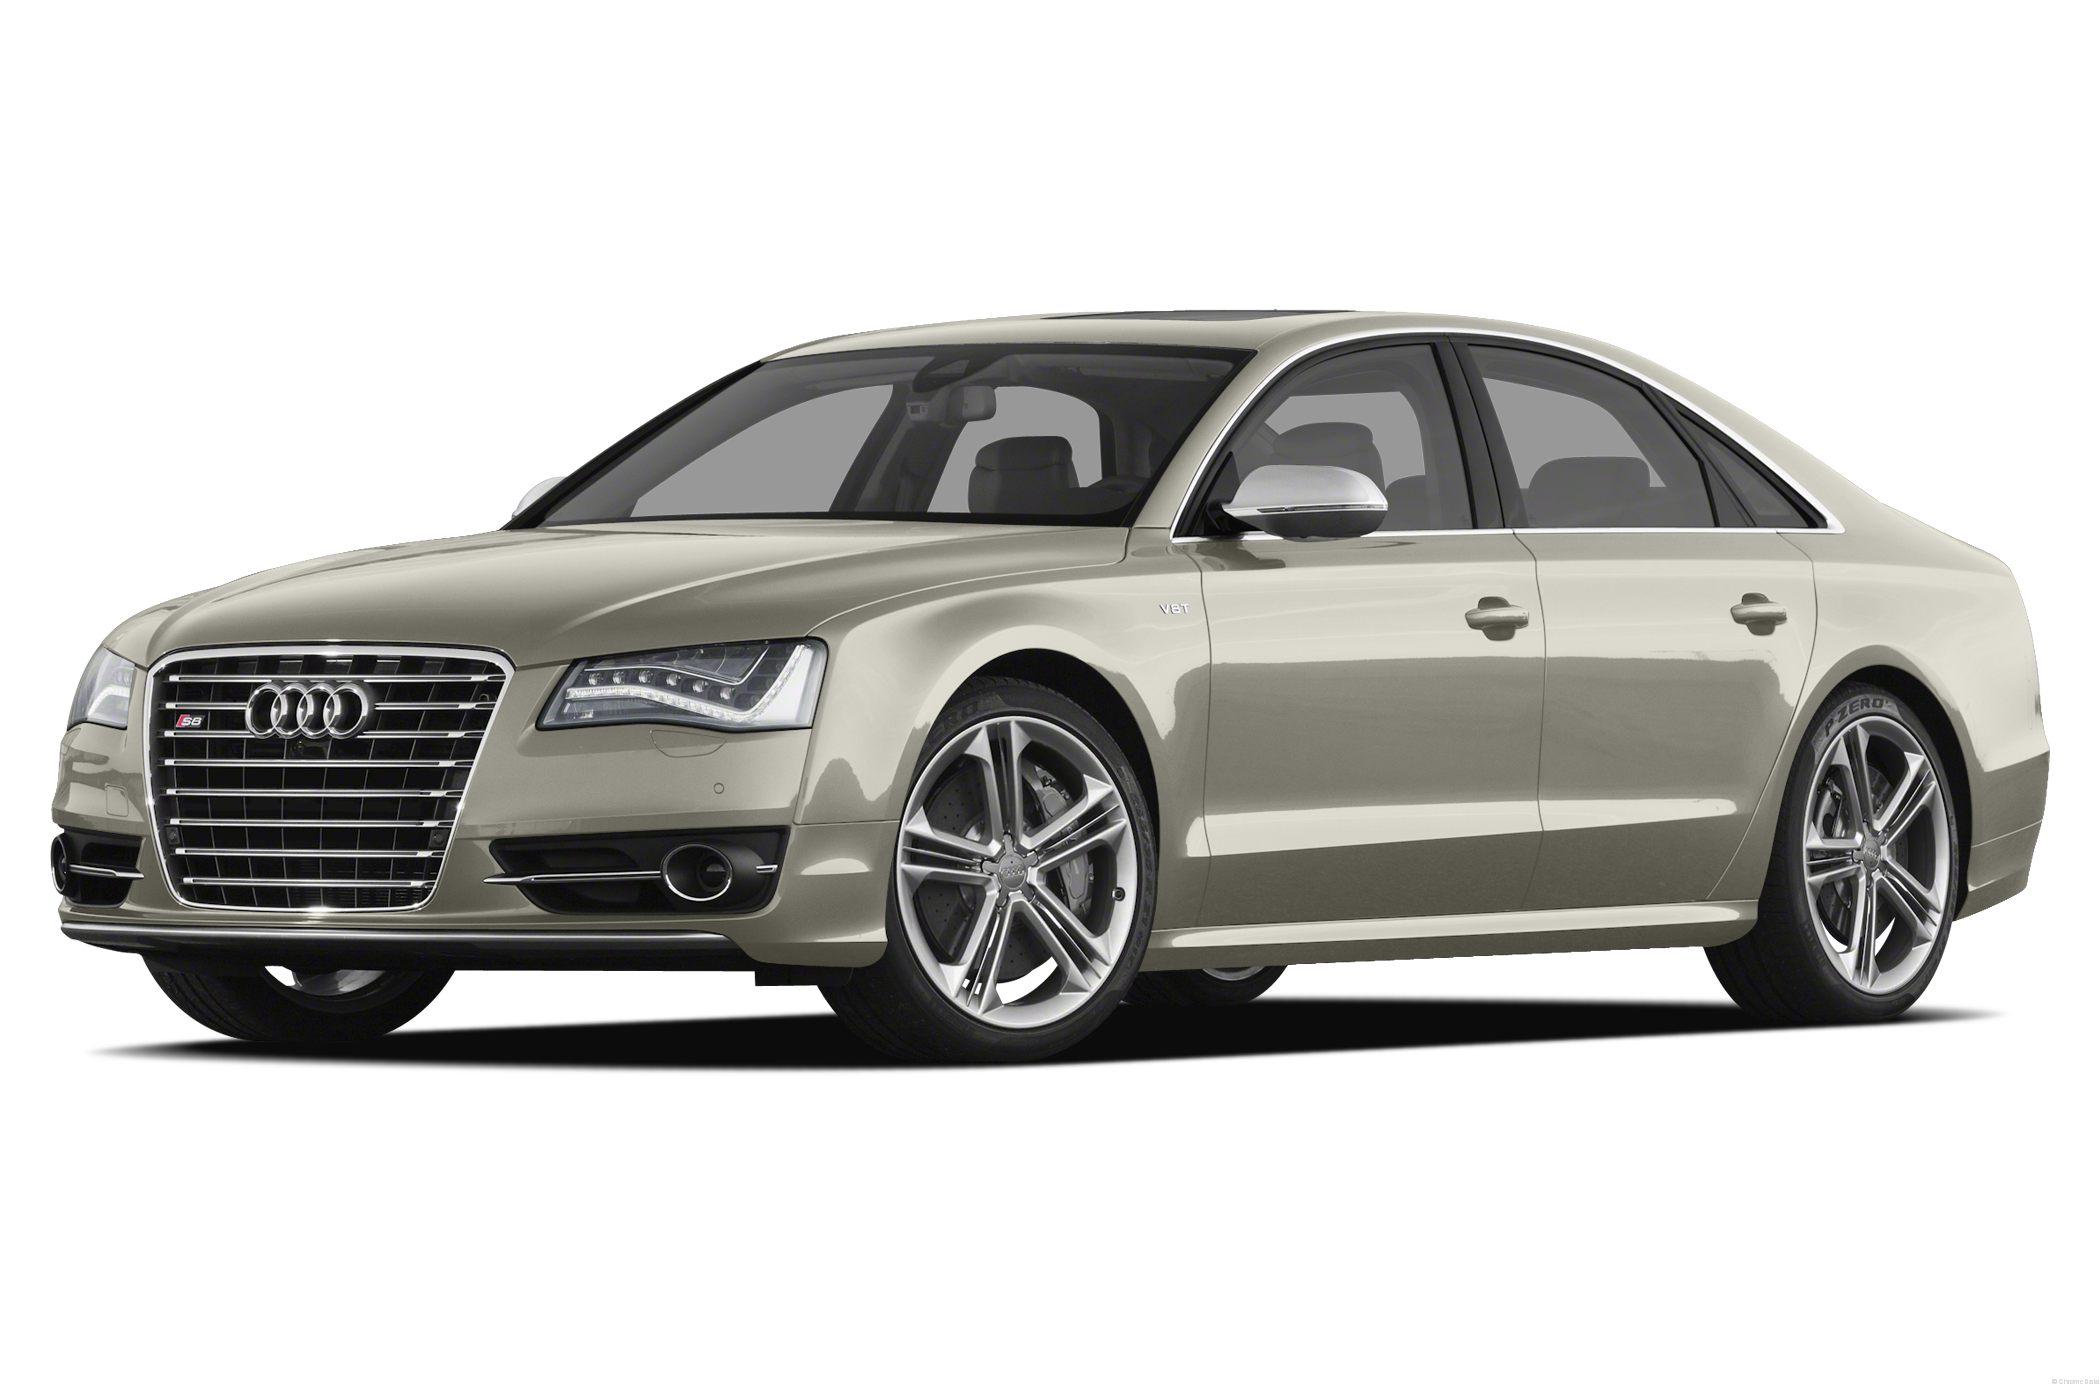 Audi S8 samochód luksusowy na wynajem